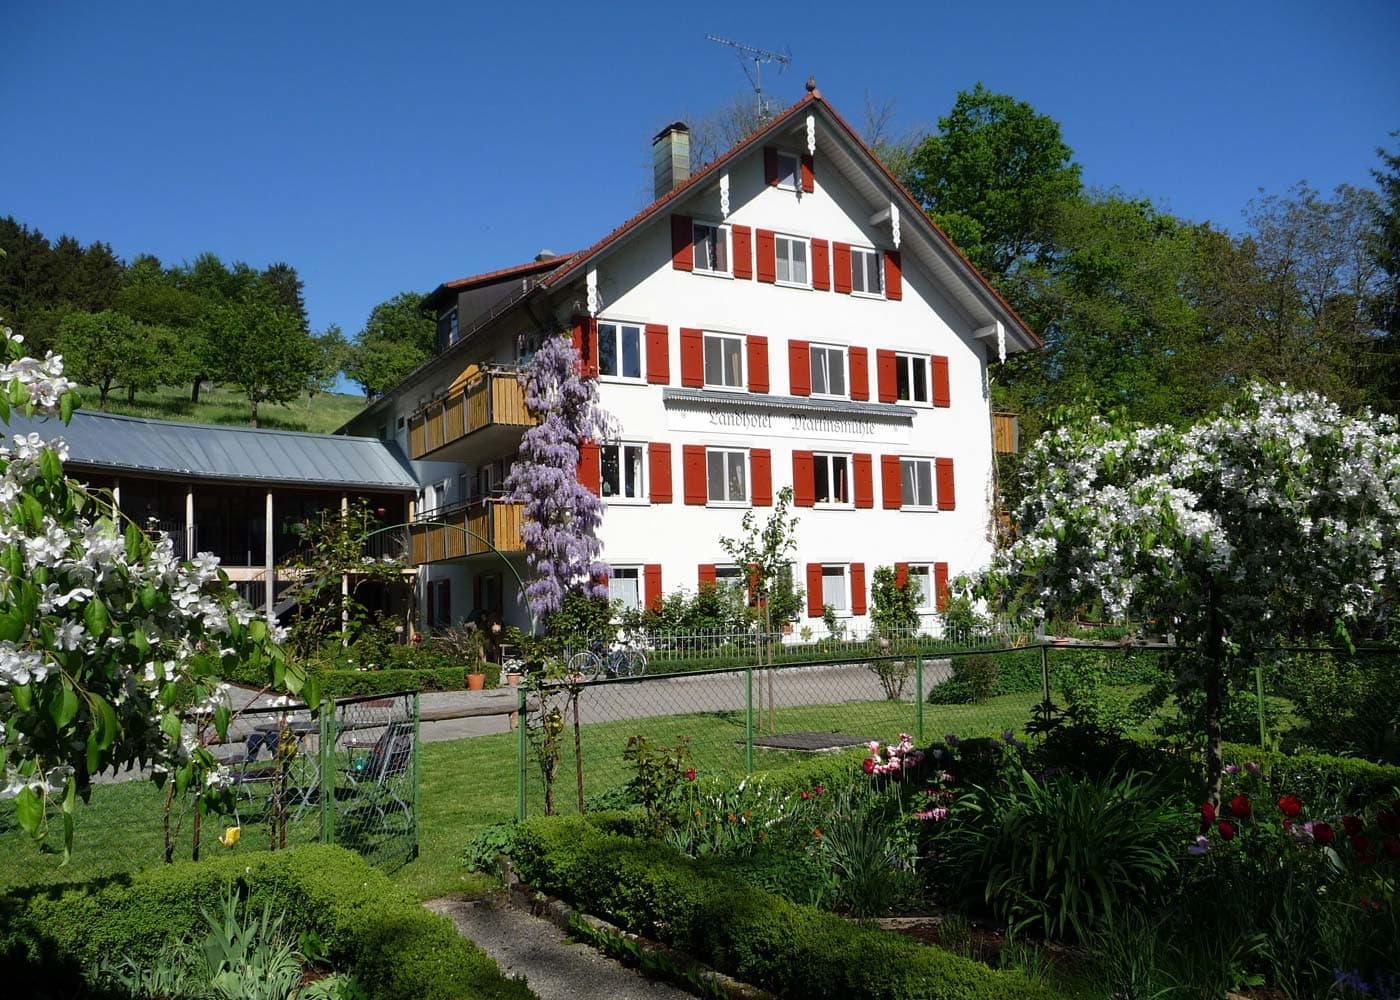 Urlaub auf dem Land mit Kindern: Landhotel Martinsmühle am Bodensee – Hausansicht // HIMBEER